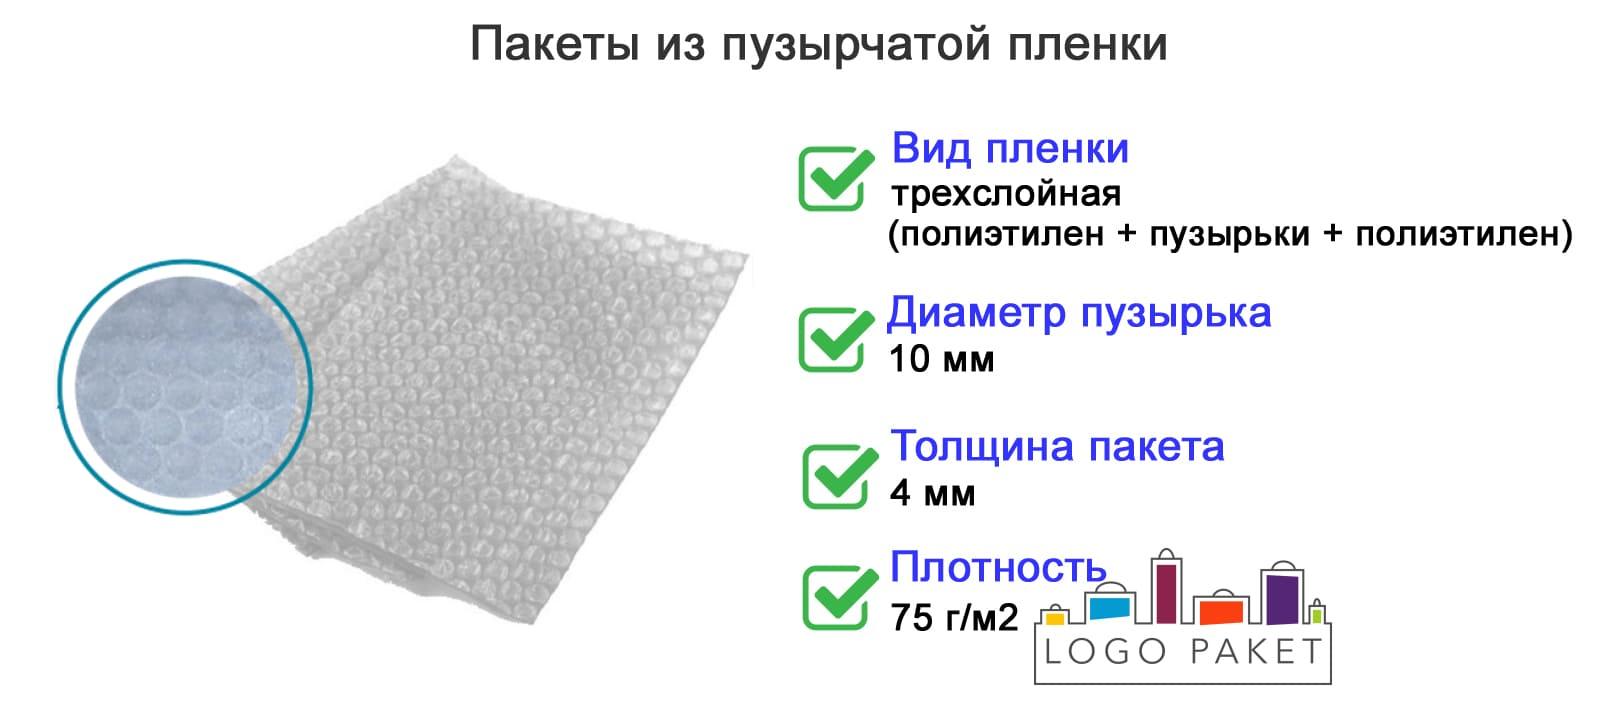 Пакеты из пузырчатой пленки ТBasic 30х30 инфографика